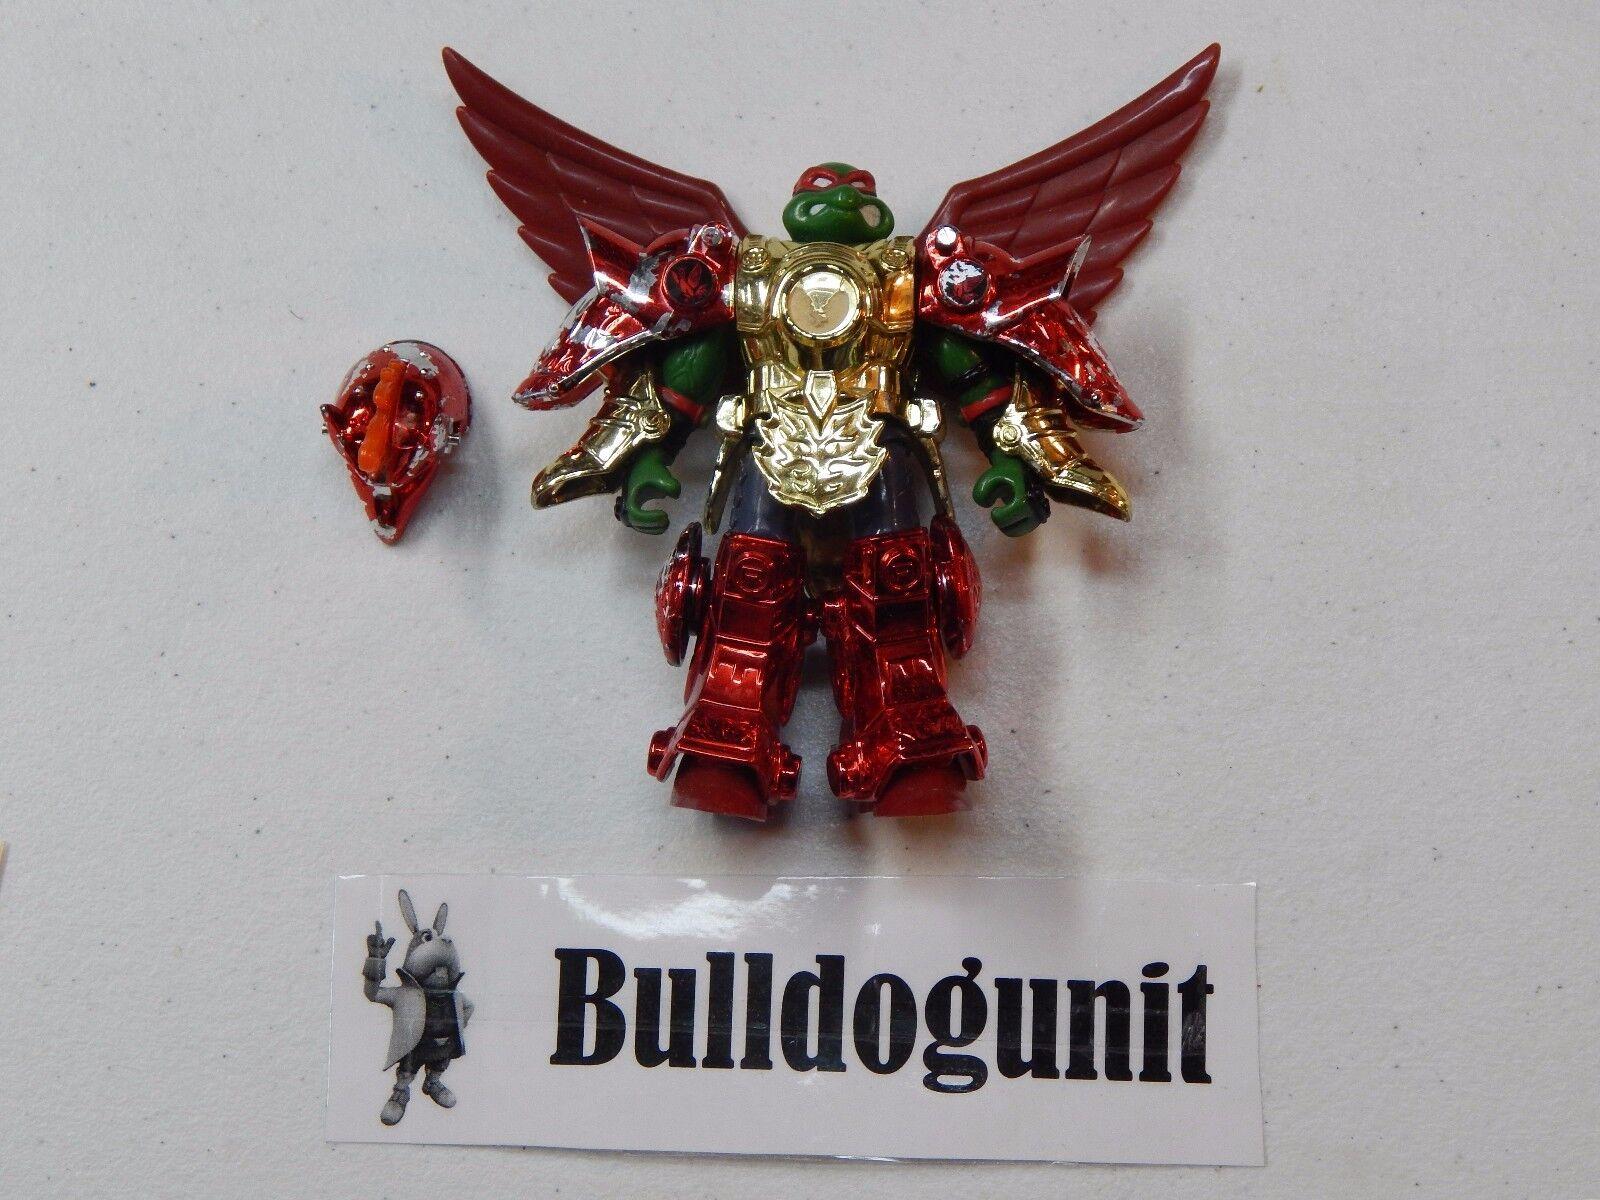 Metal Mutant Raphael w/ Phoenix Armor Teenage Mutant Ninja Turtles 1995 Figure